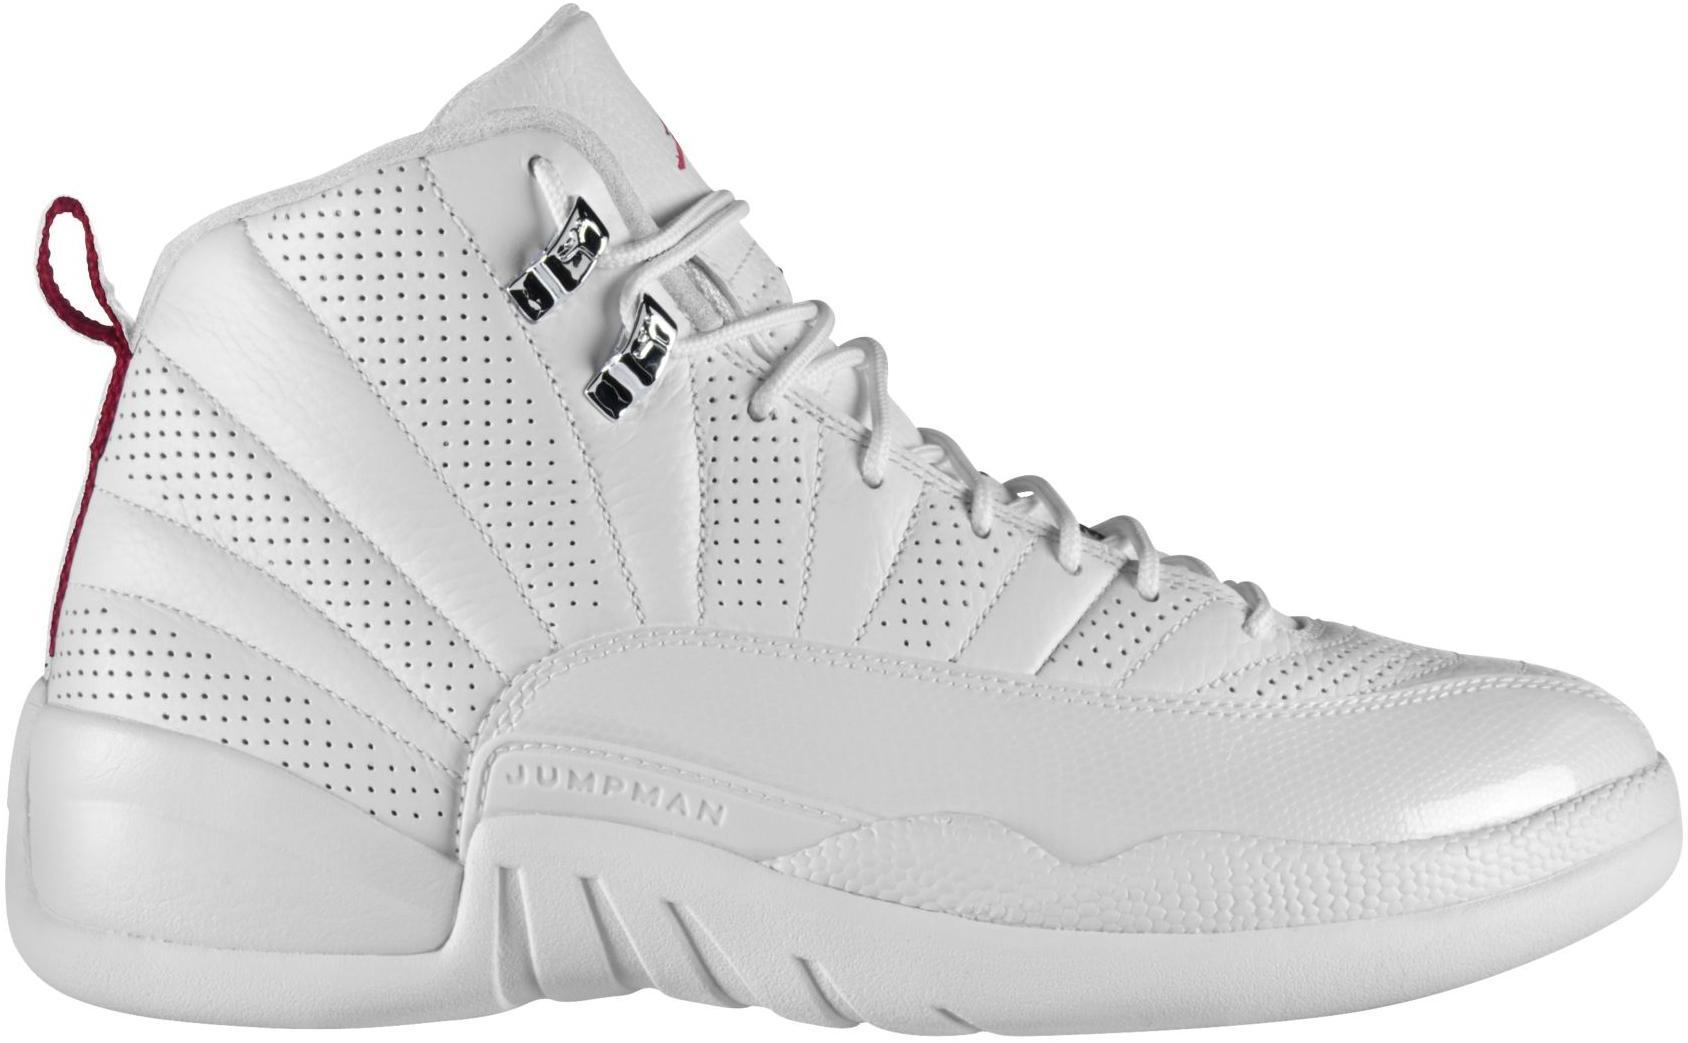 Jordan 12 Retro Rising Sun - 130690-163